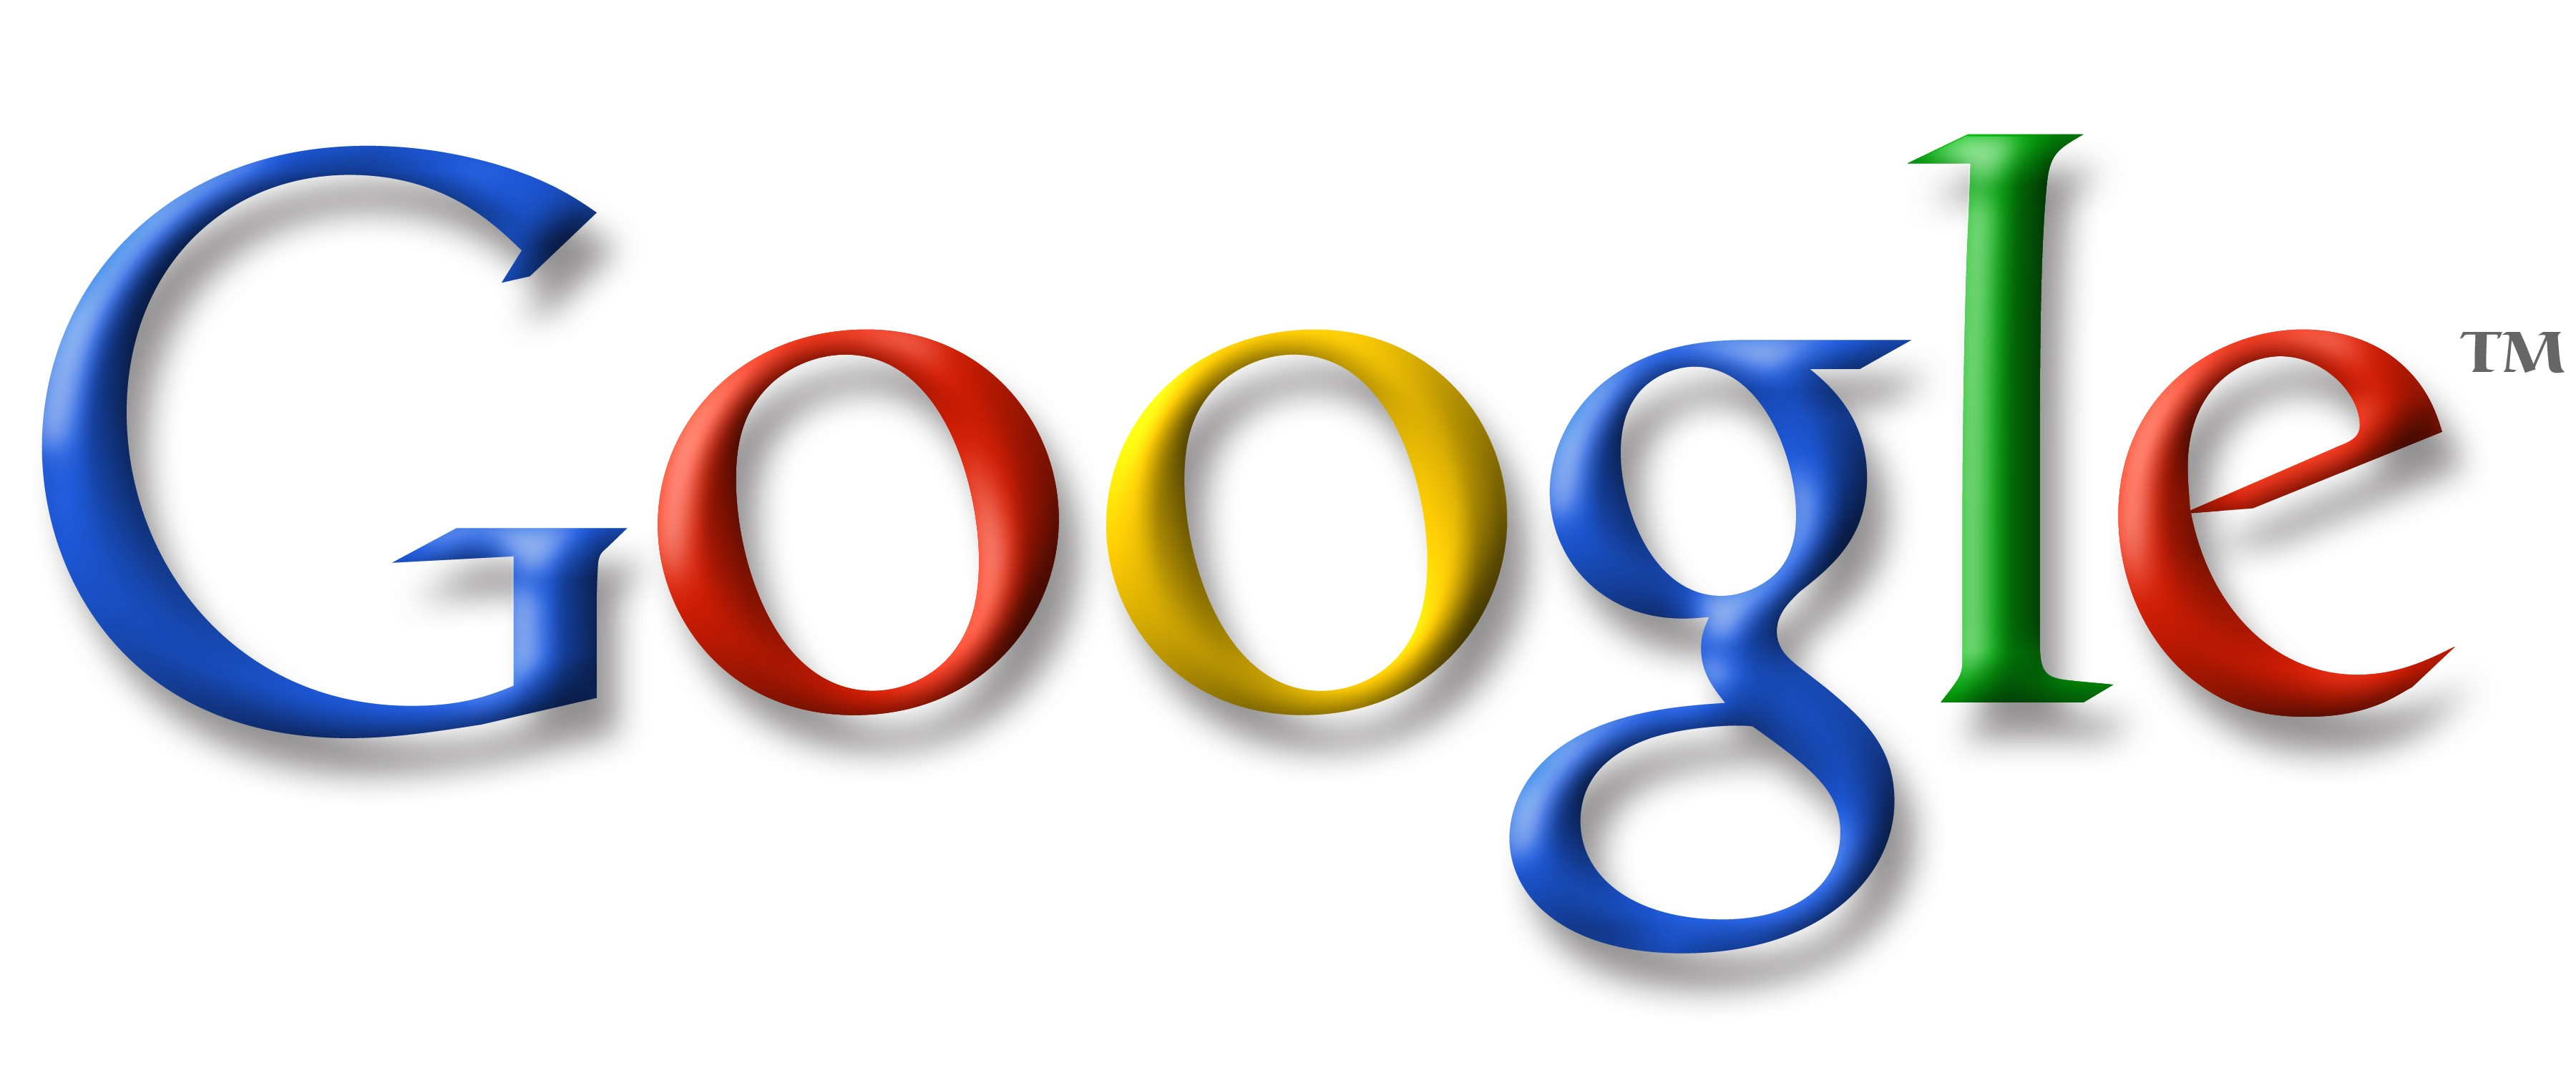 Google põe fim à seis produtos (Foto: Divulgação)